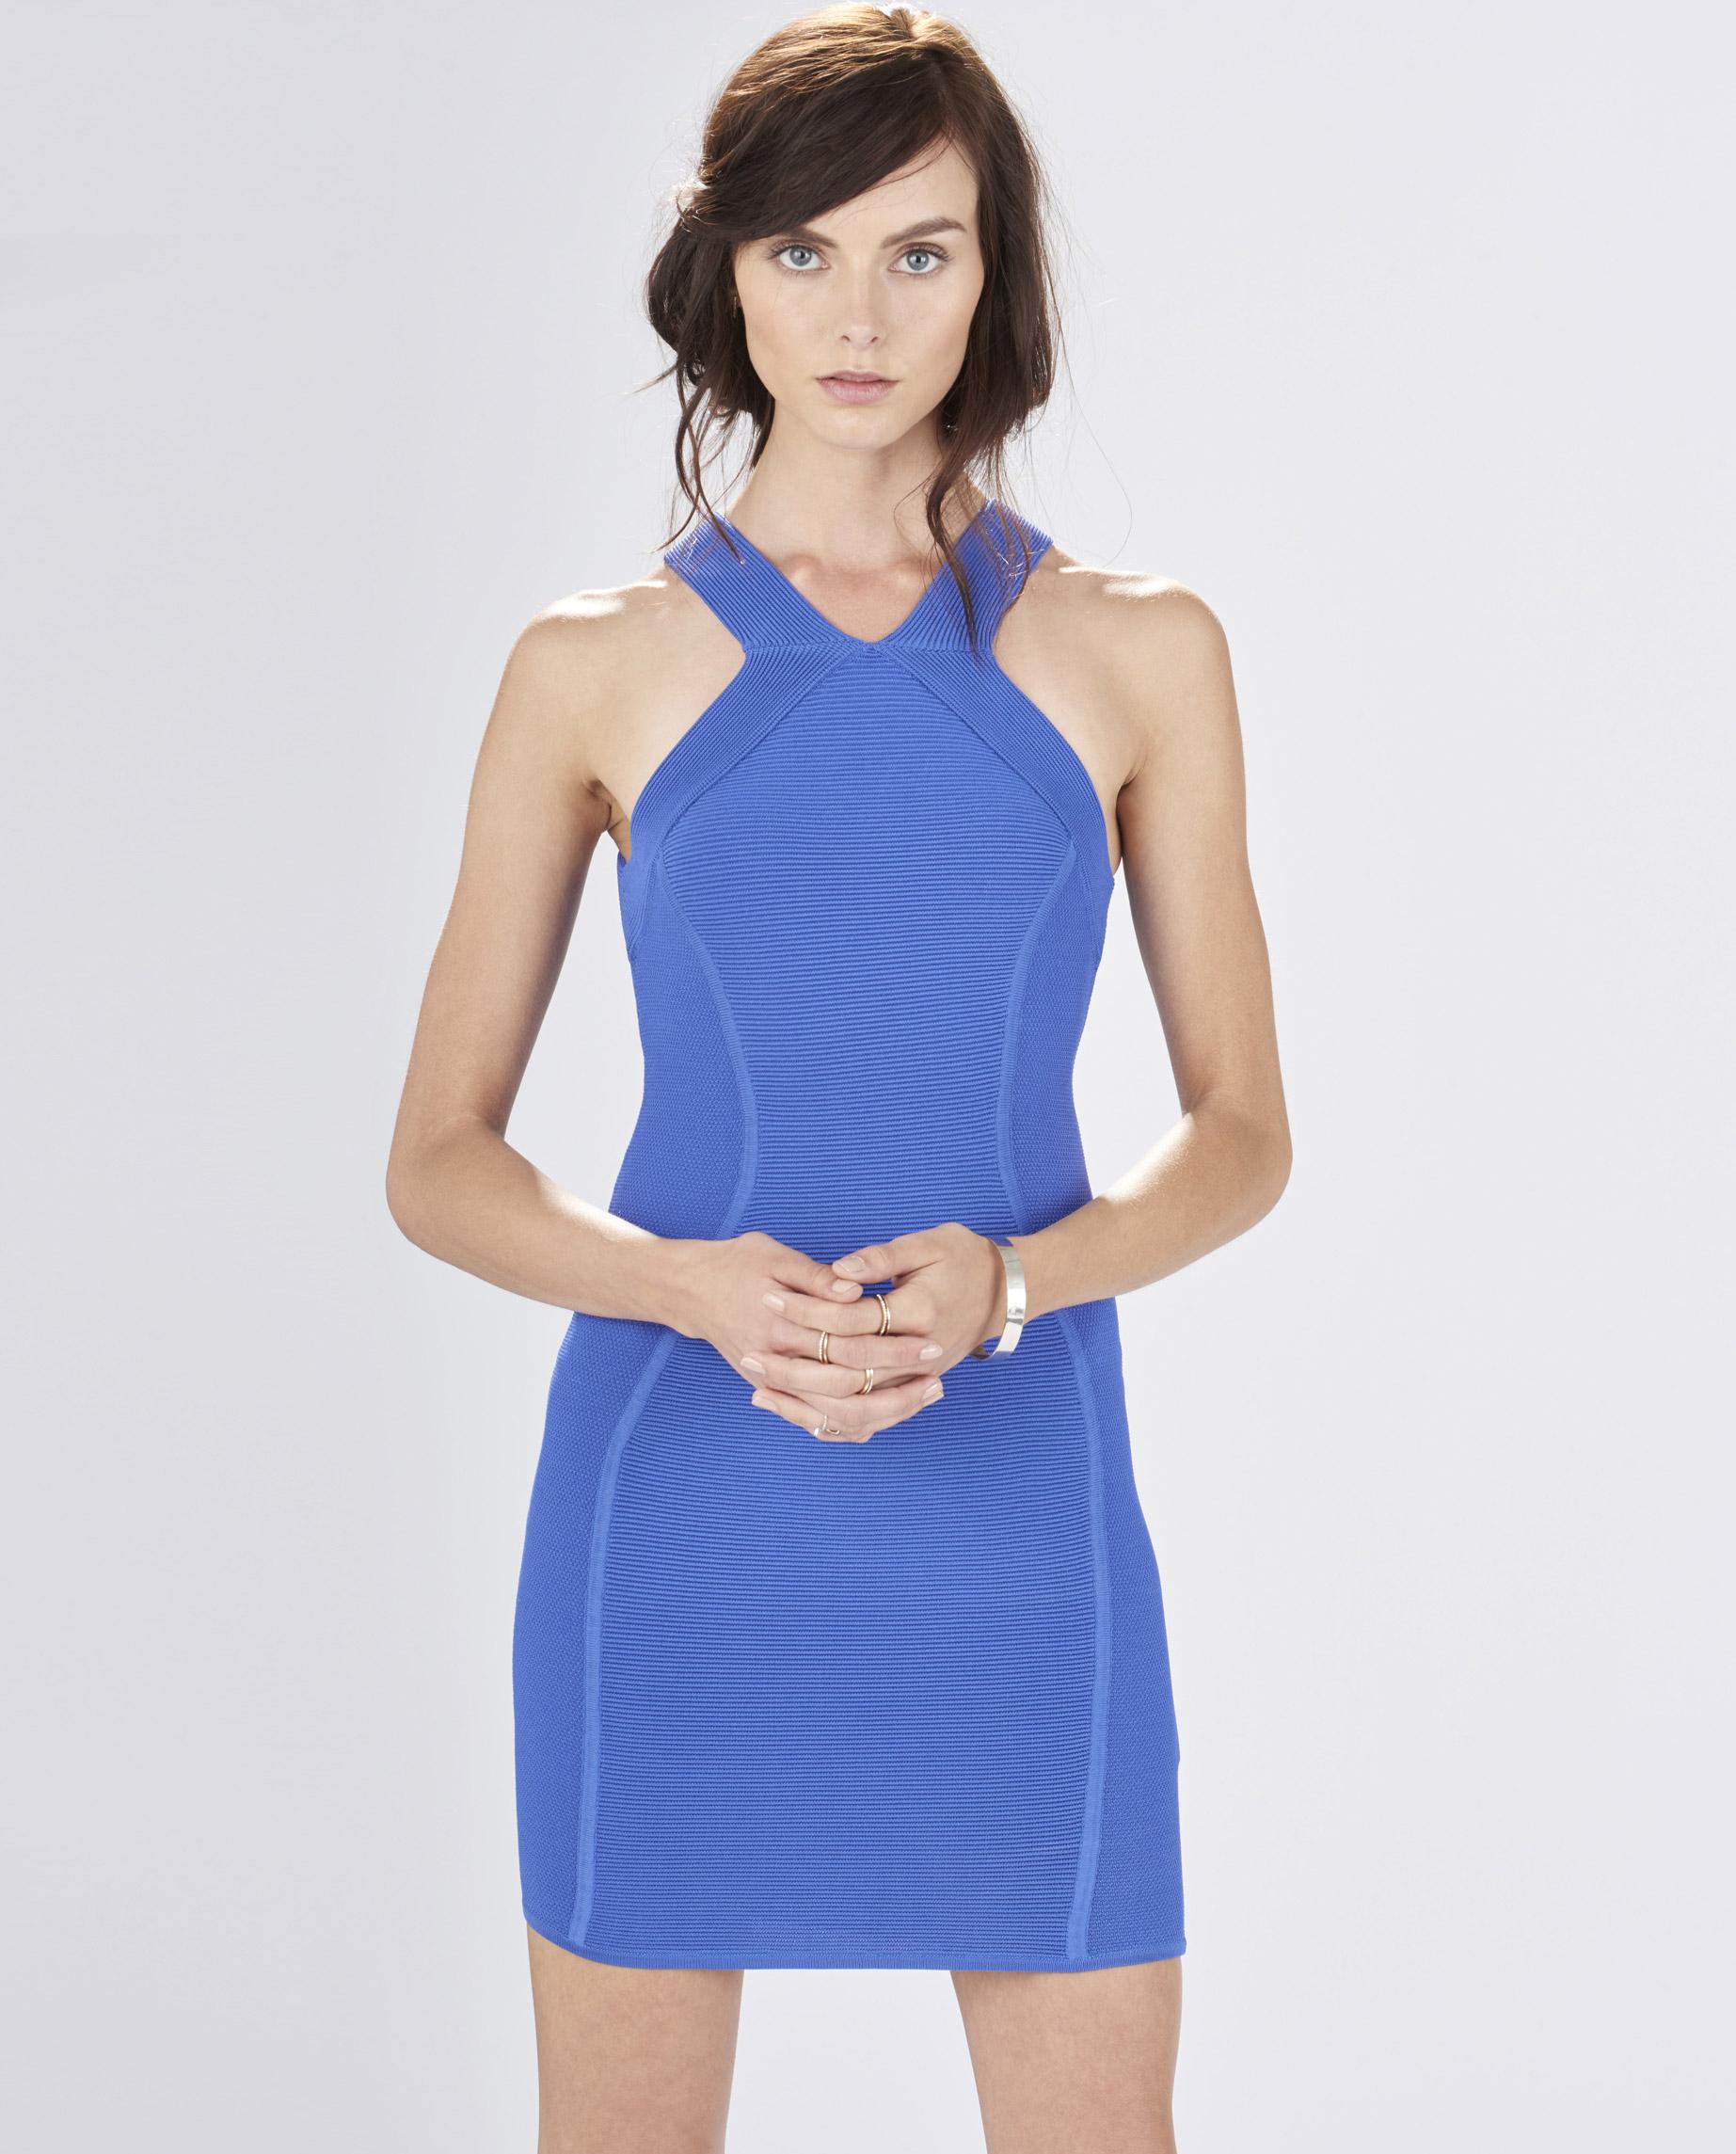 543b1c255b4 Lyst - Parker Leeds Knit Dress in Blue